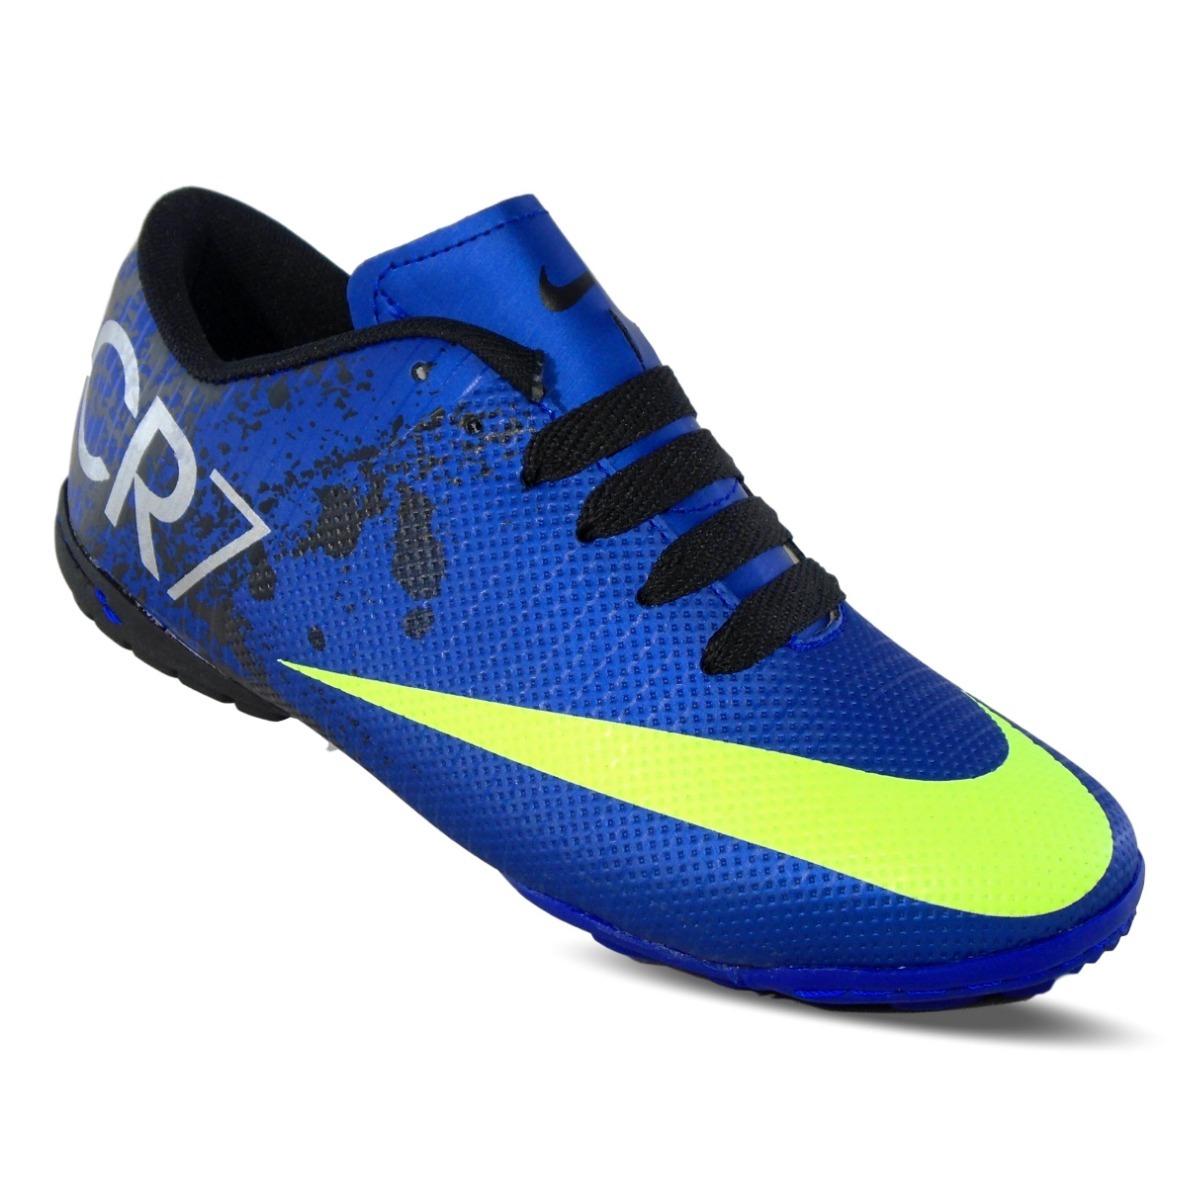 Tenis Cr7 Caballero mas Colores Azul Mercurial Nike Soccer 6rqwBxT6v